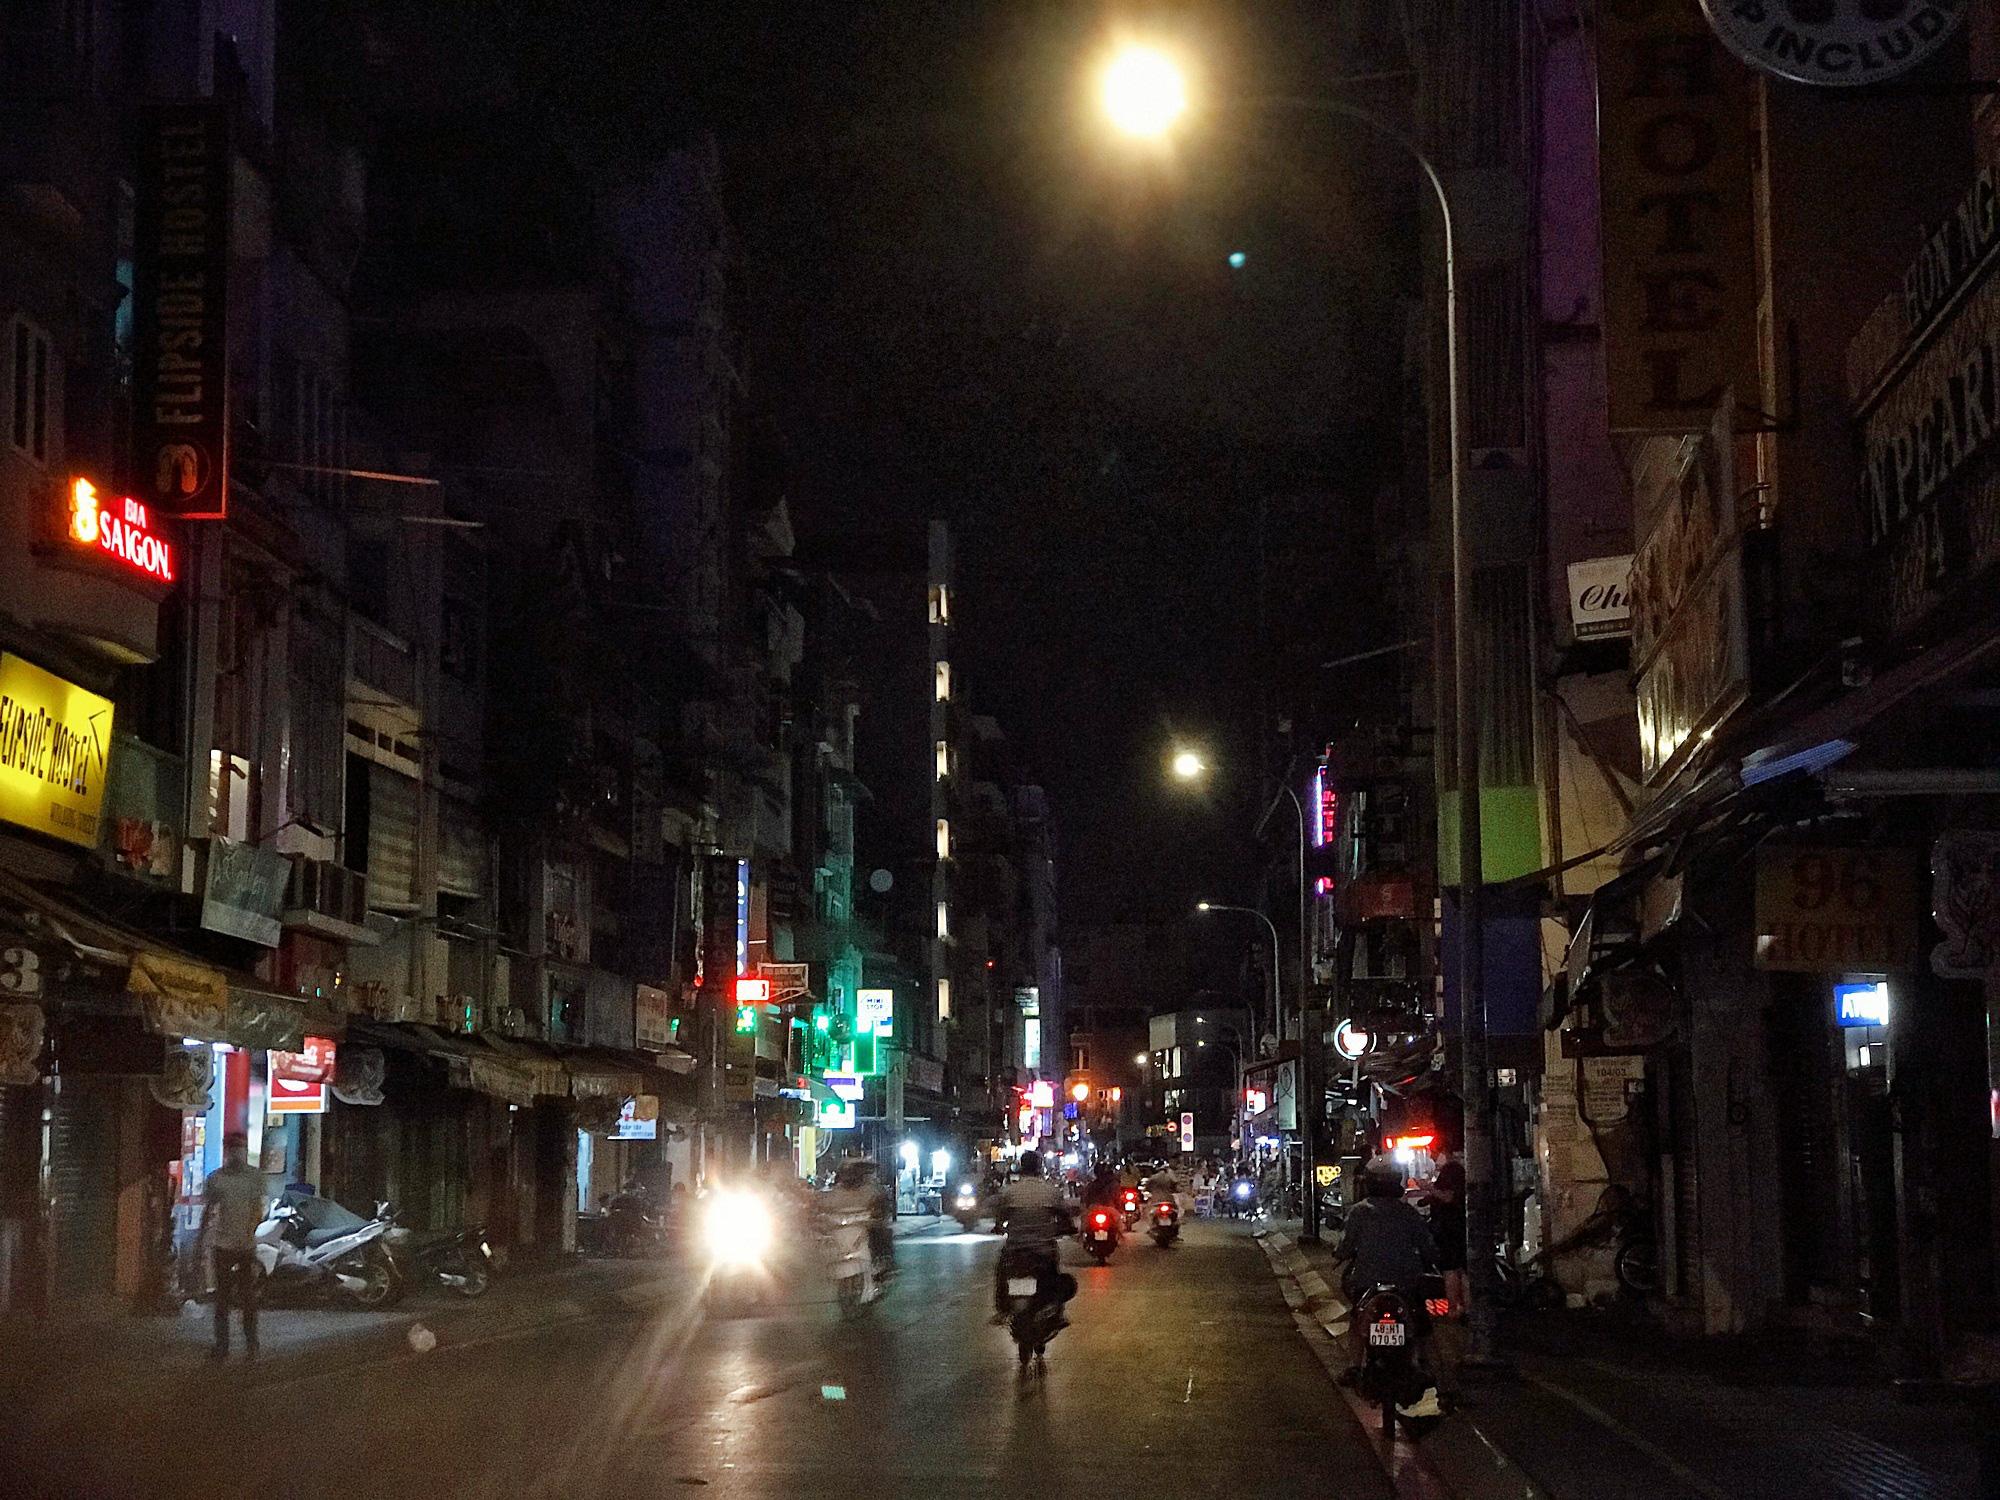 """Sài Gòn 16/3: Các điểm vui chơi, du lịch tham quan tại quận 1 """"vắng lặng"""" giữa mùa dịch Corona - Ảnh 8."""